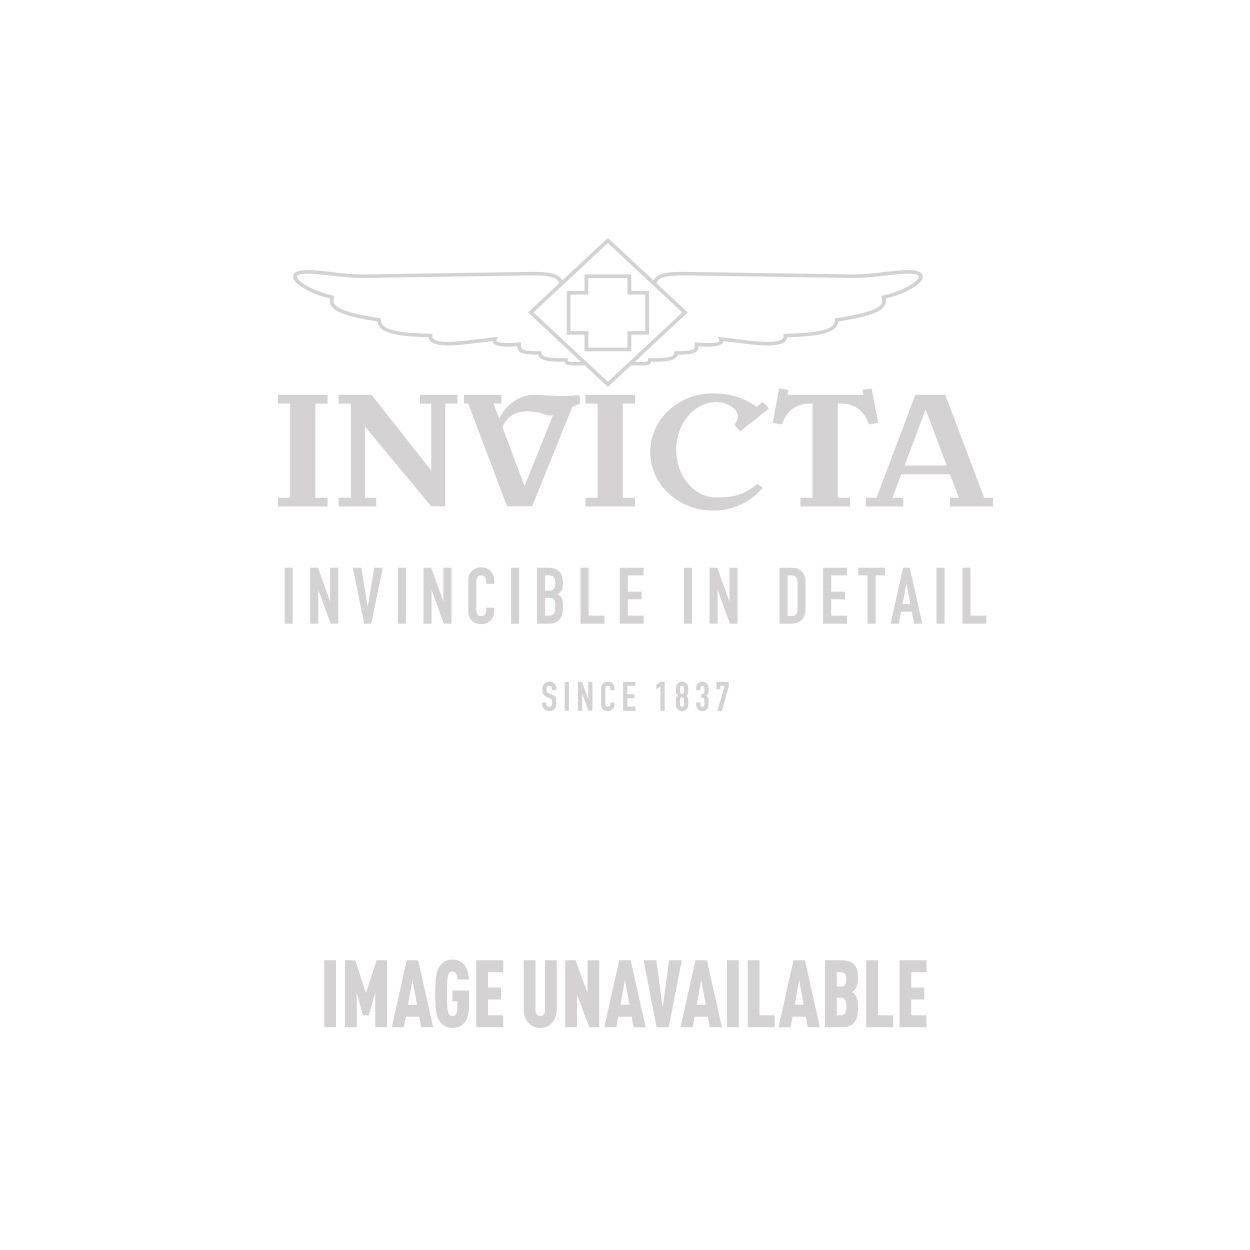 Invicta Model 27993